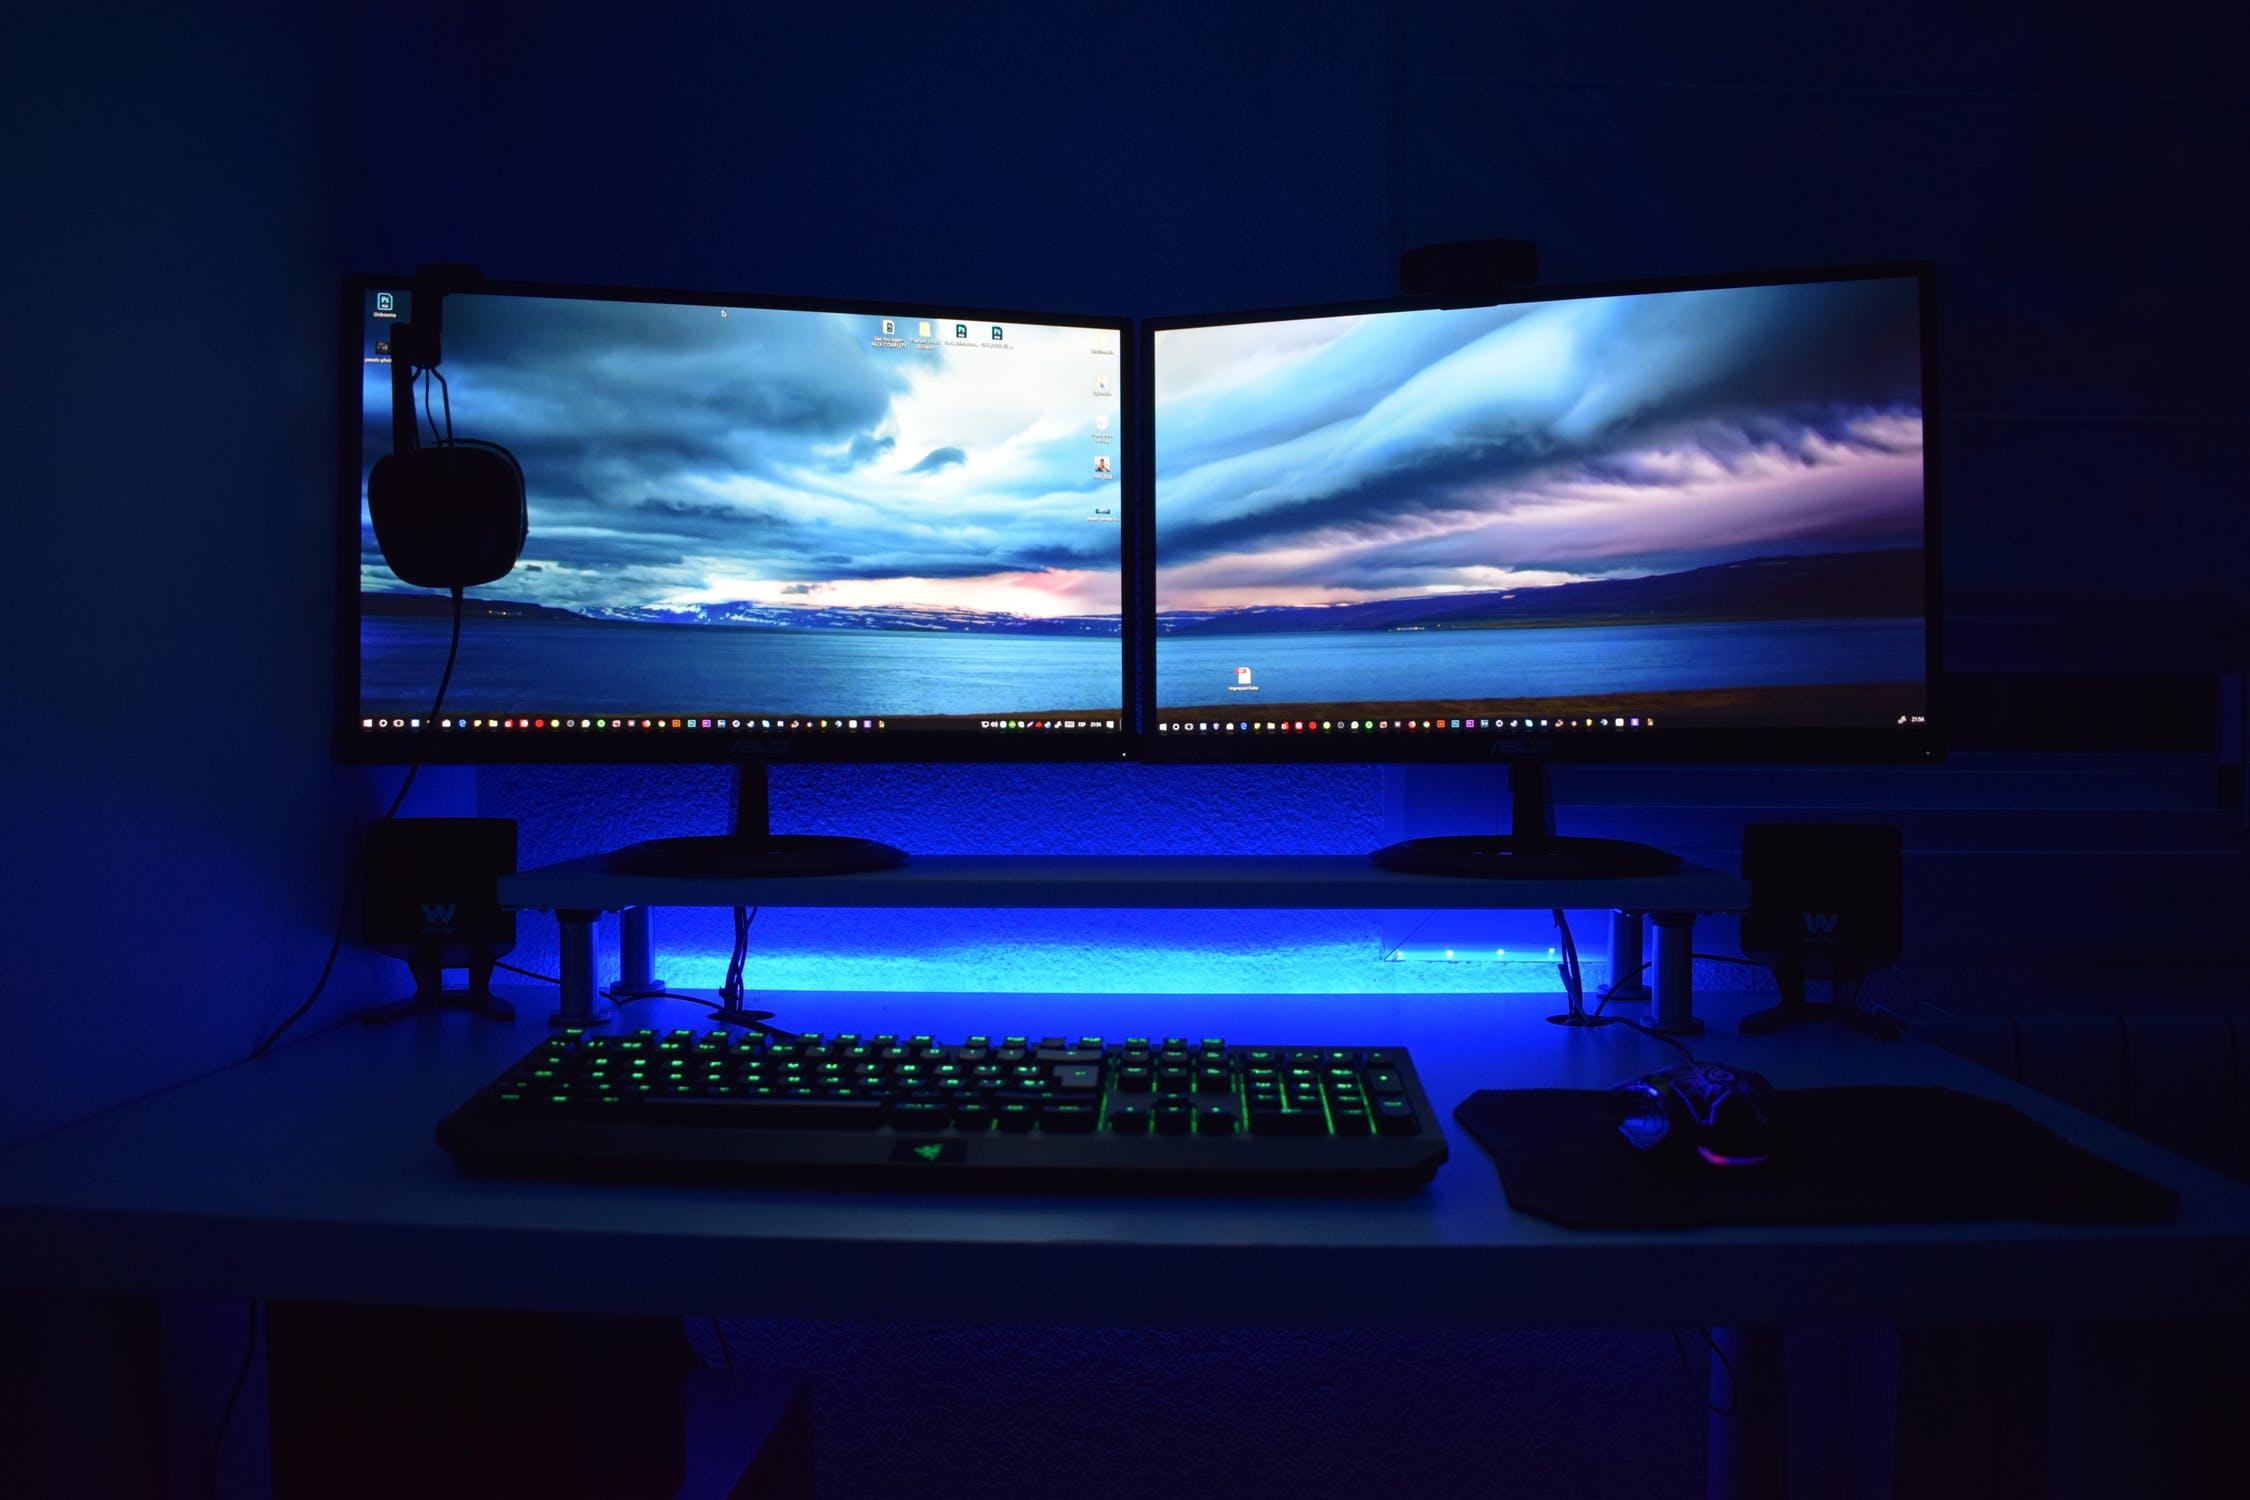 Guia De PC Gamer: Configuração De PC Baixo Custo Para